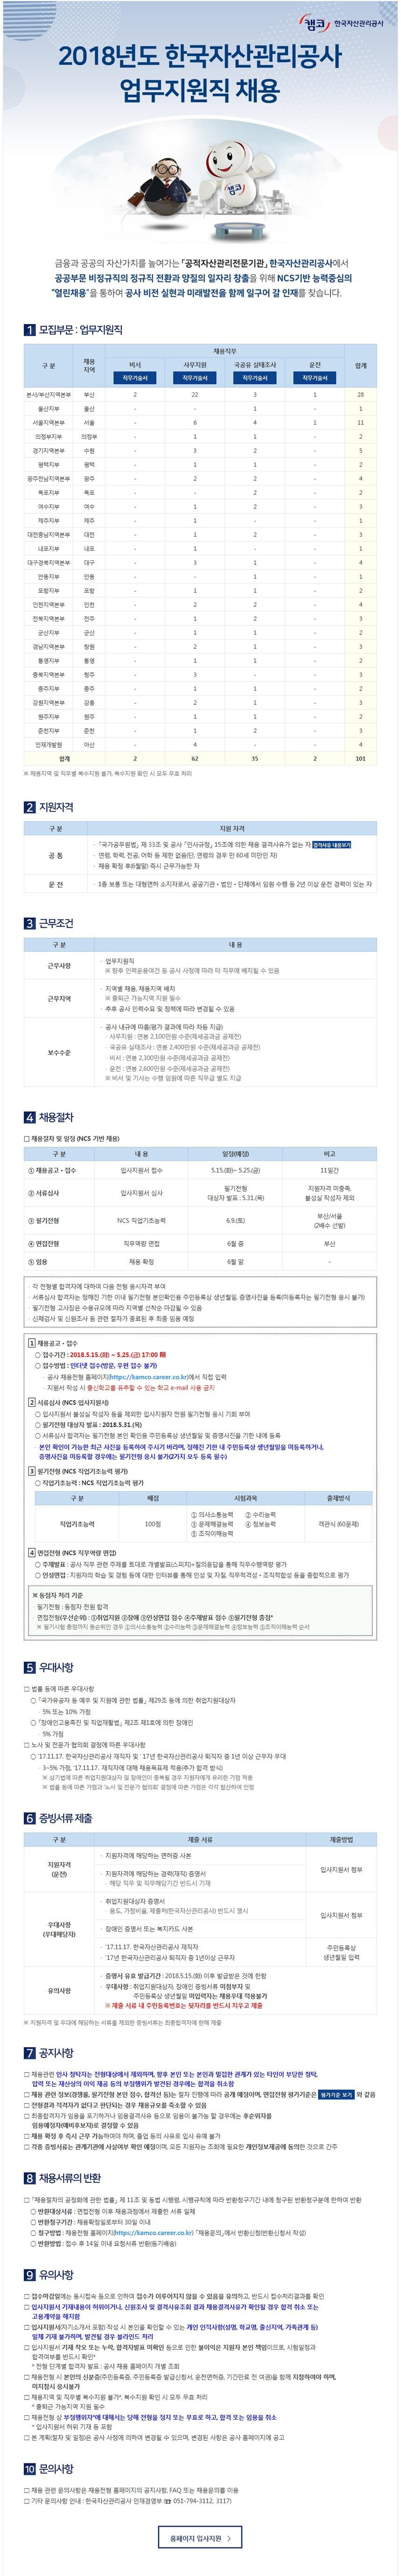 한국자산관리공사 2018년도 한국자산관리공사 업무지원직 채용